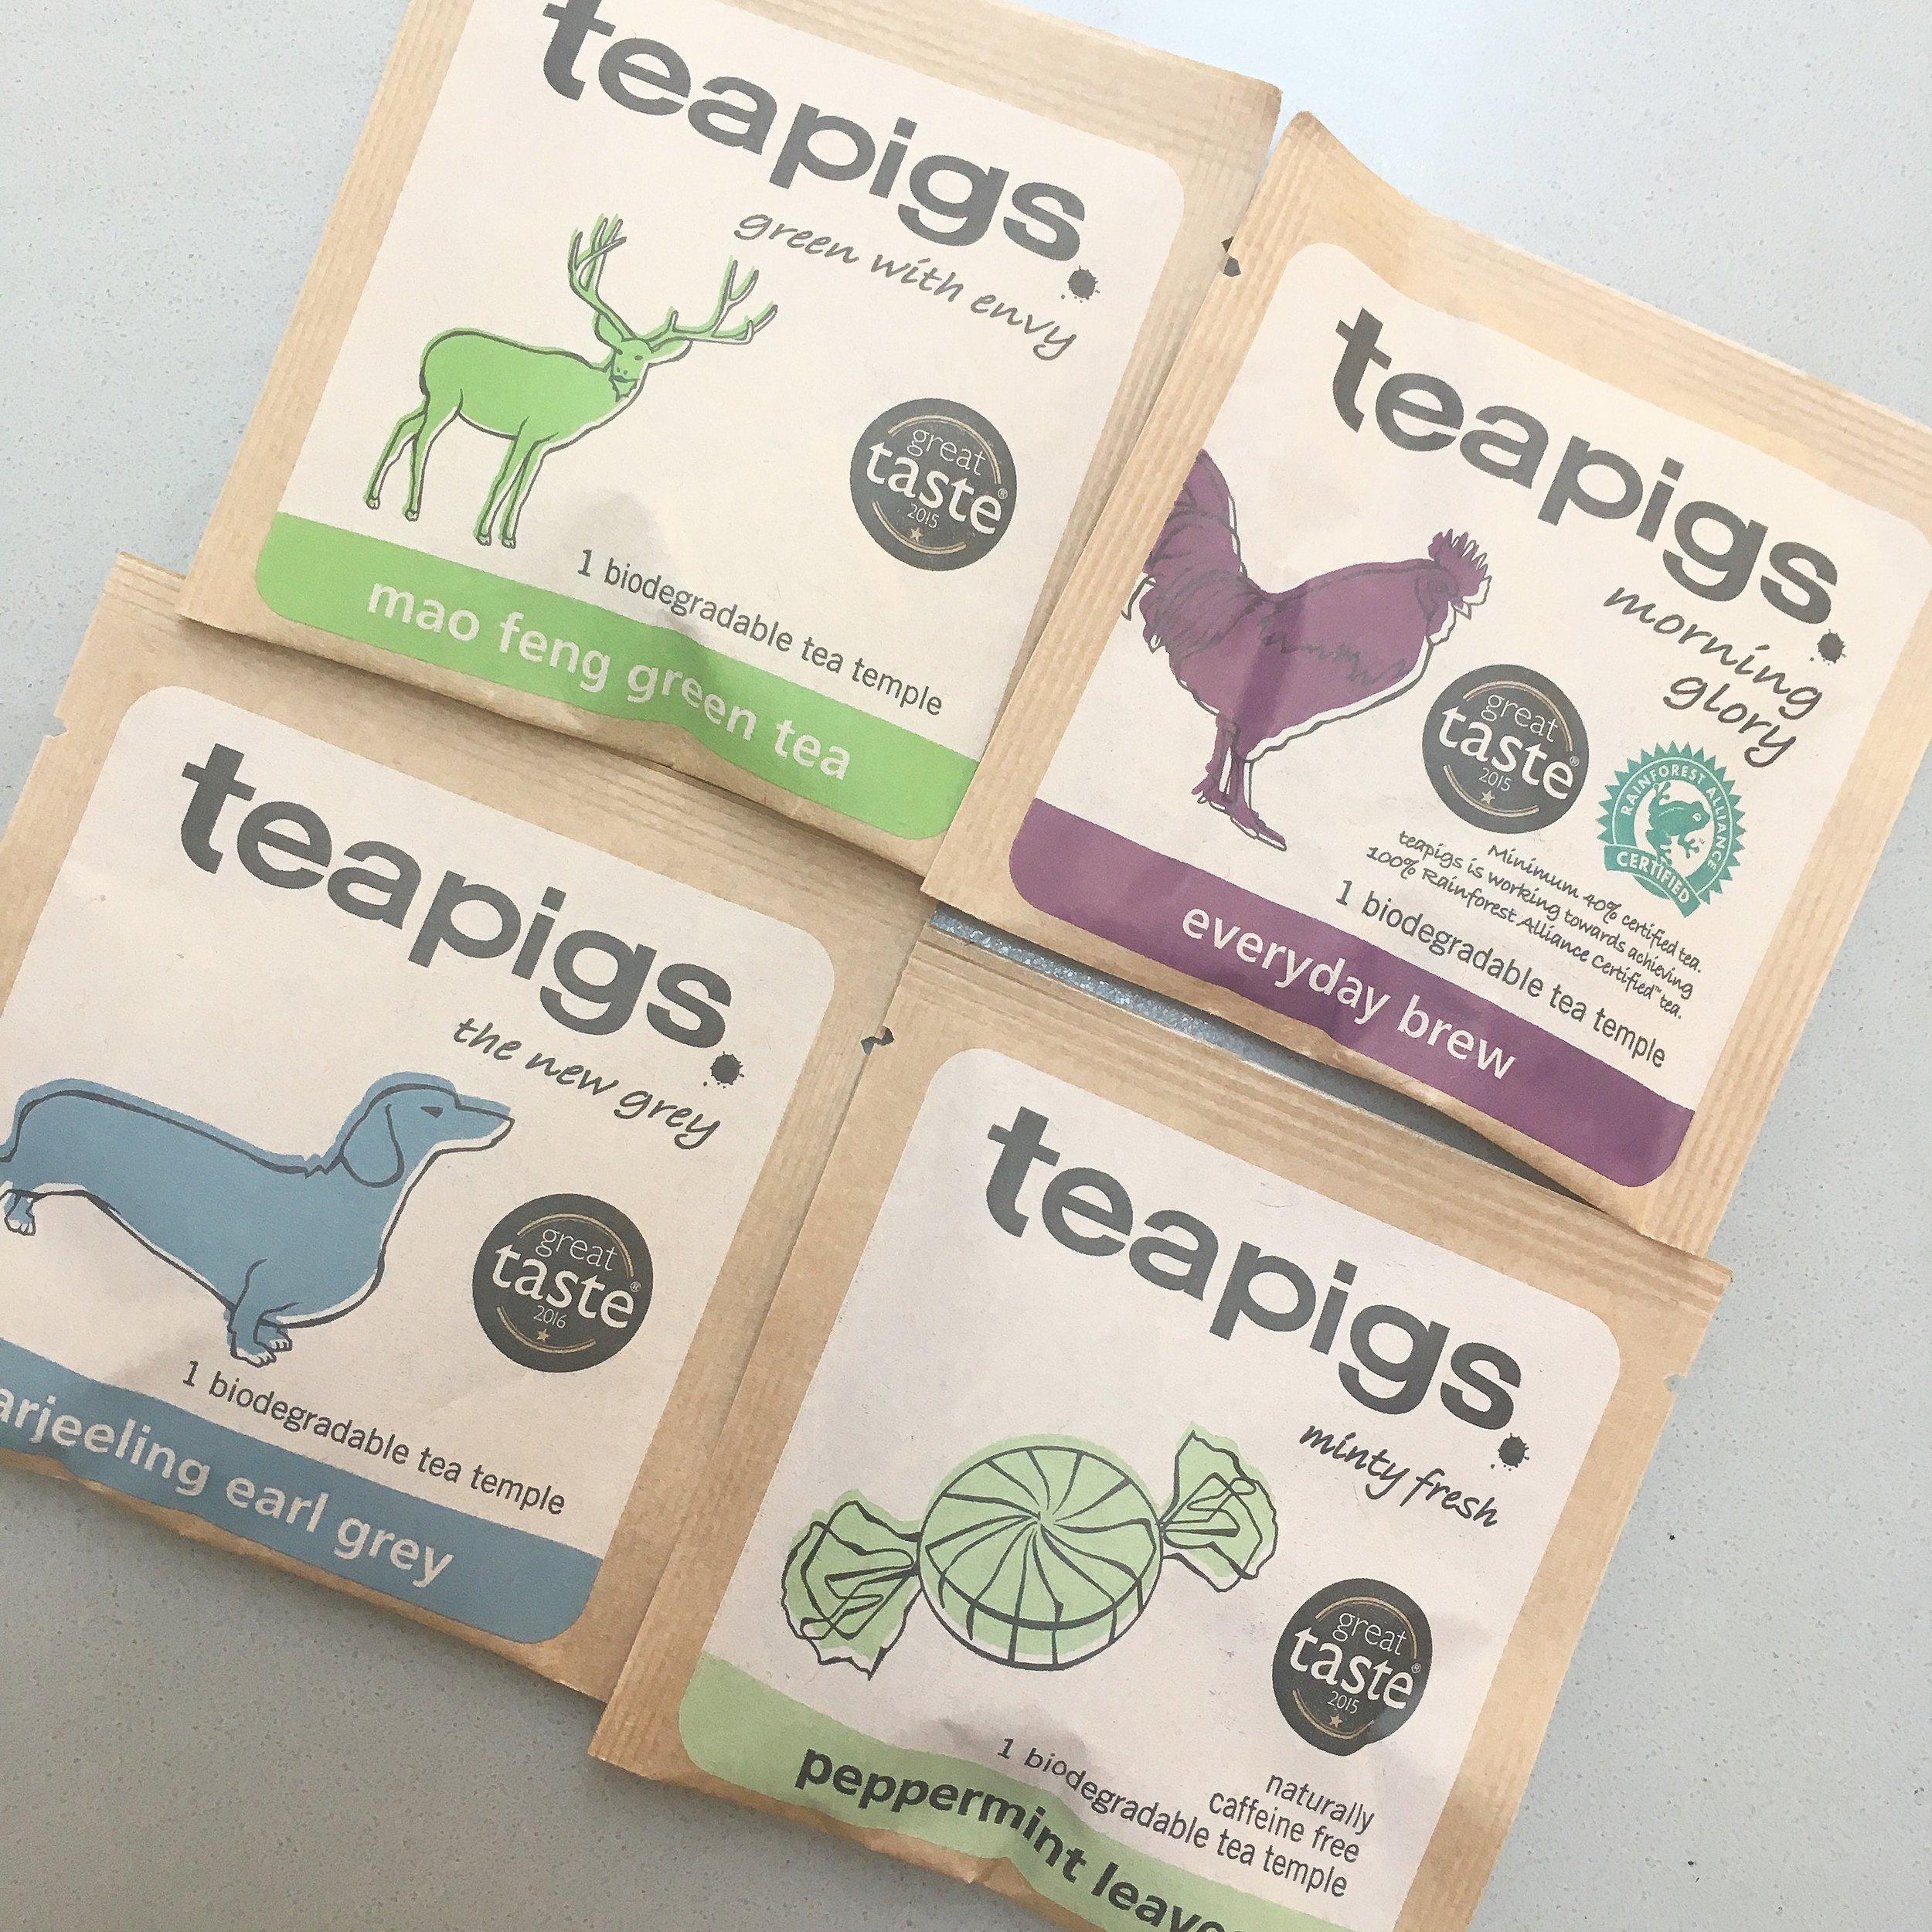 Caked-Teas-Teapig-range